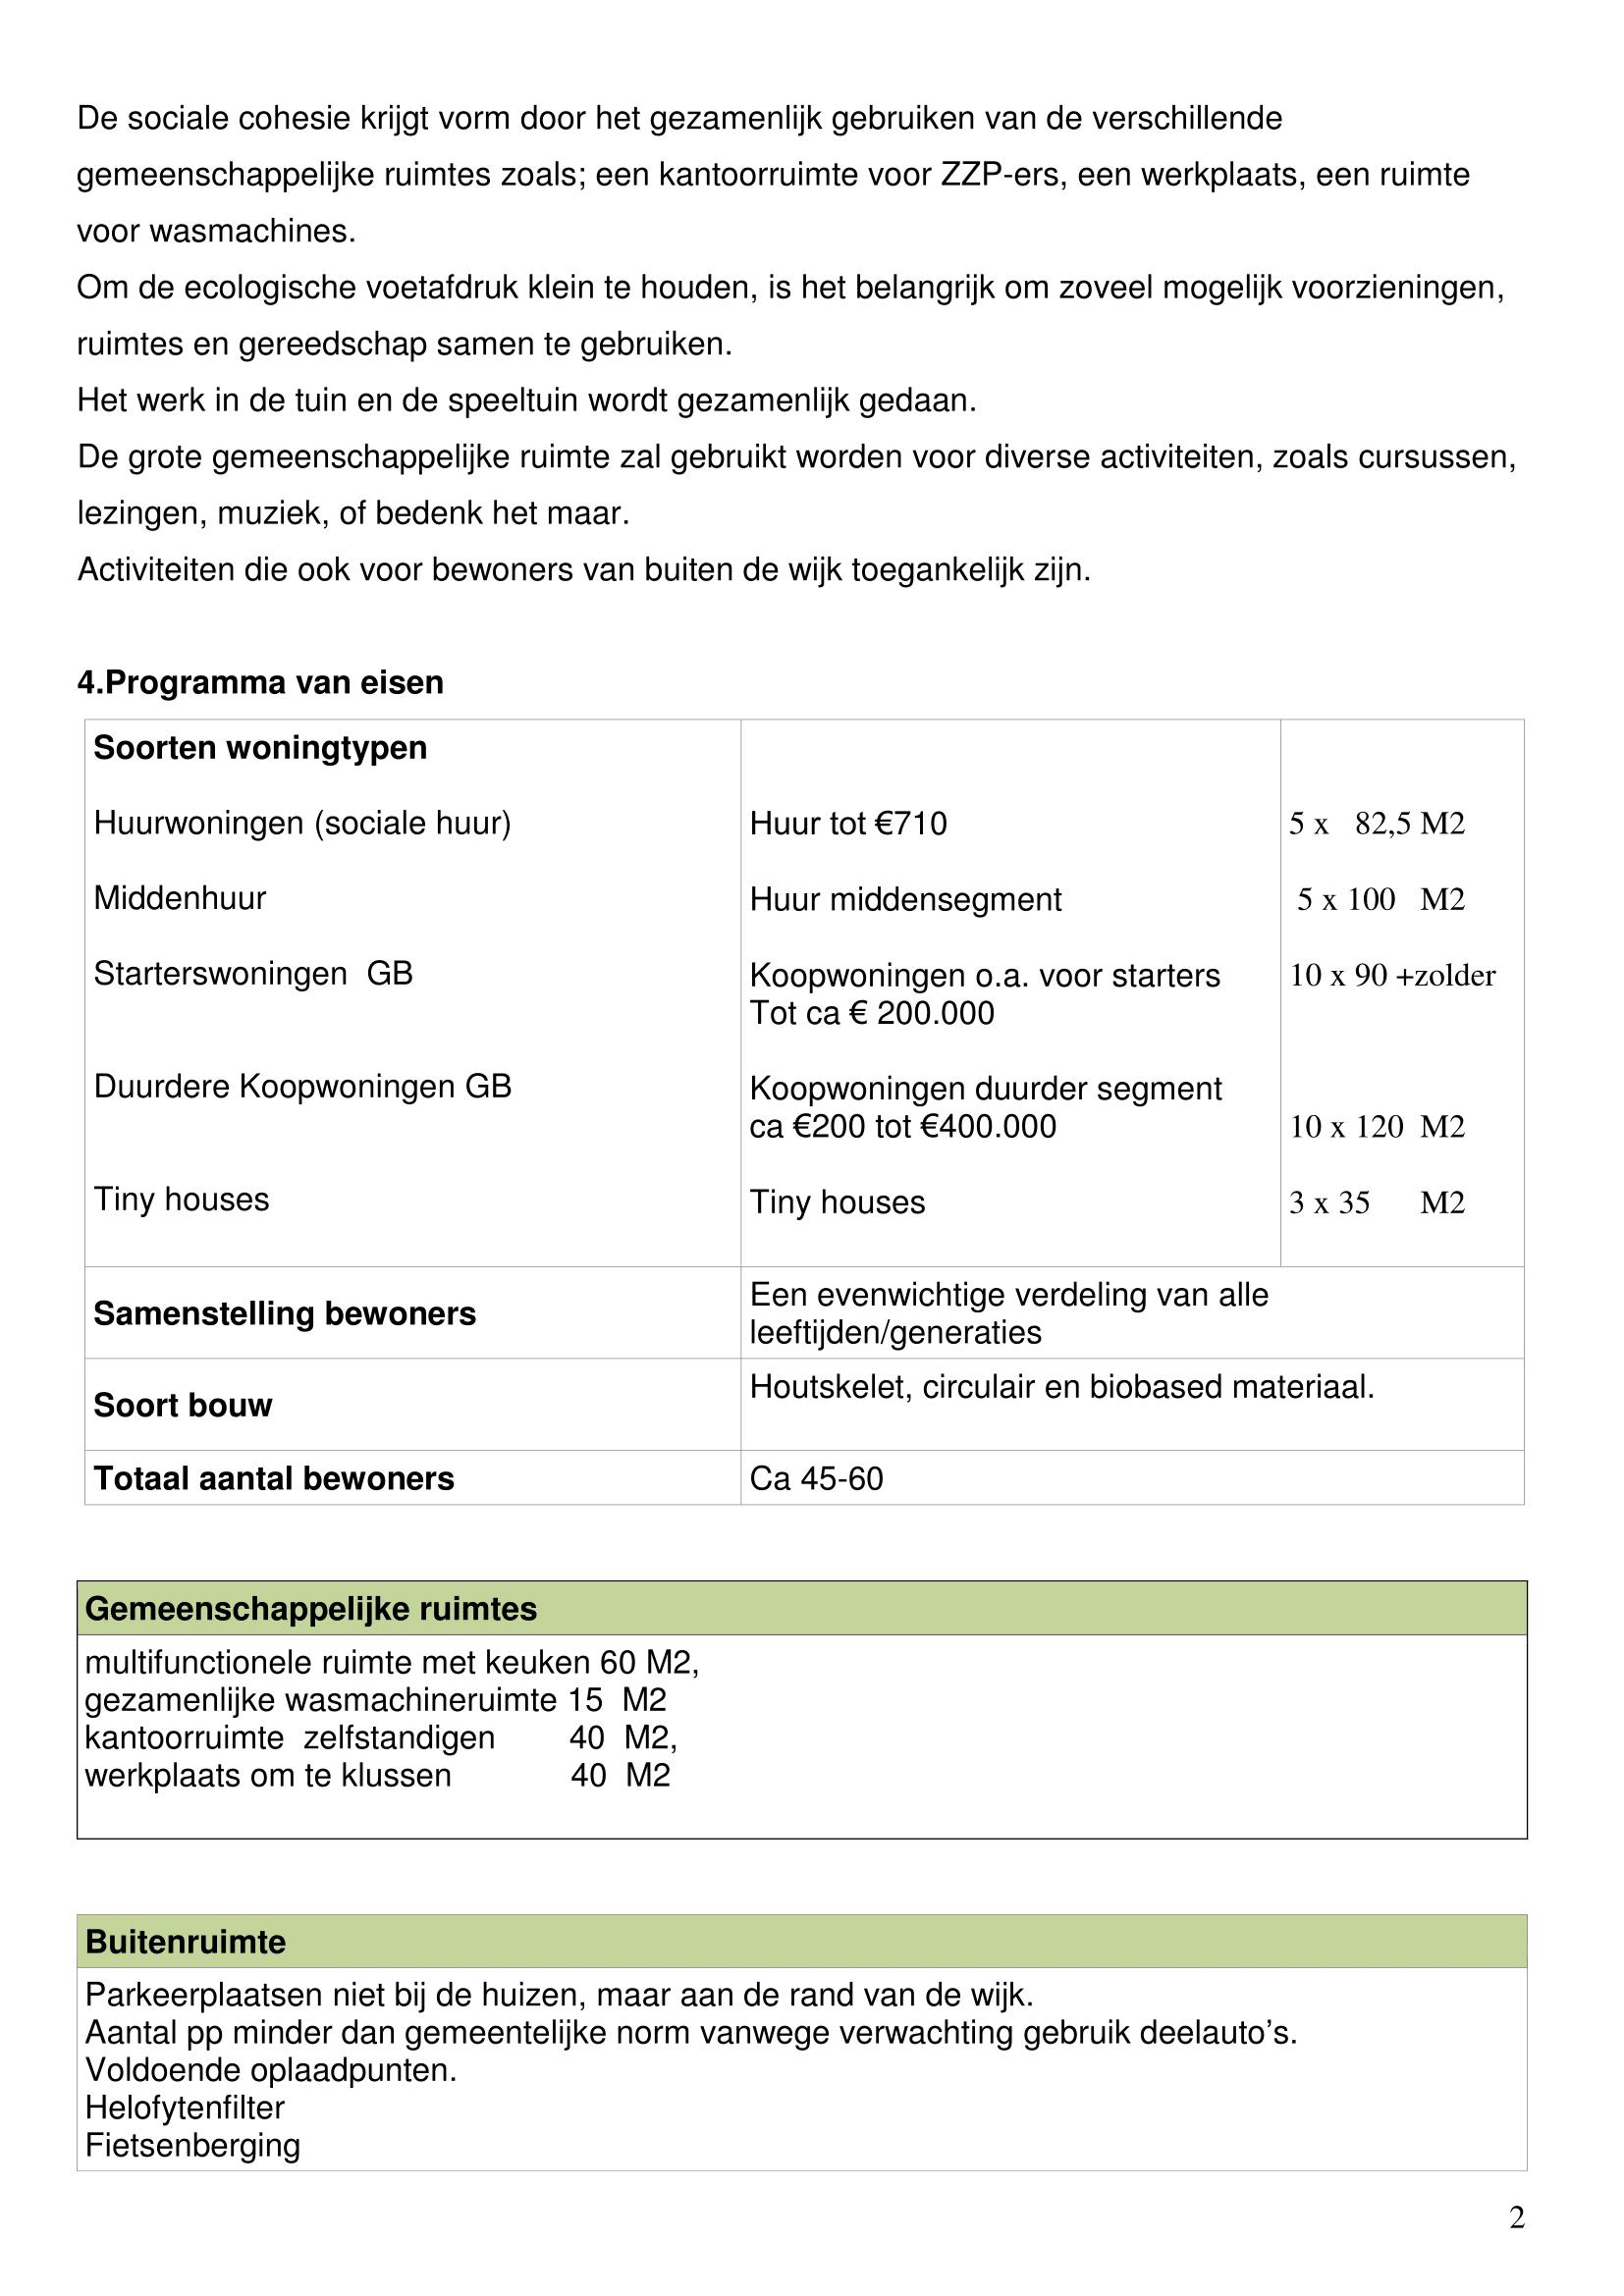 projectplan maart 2019-2